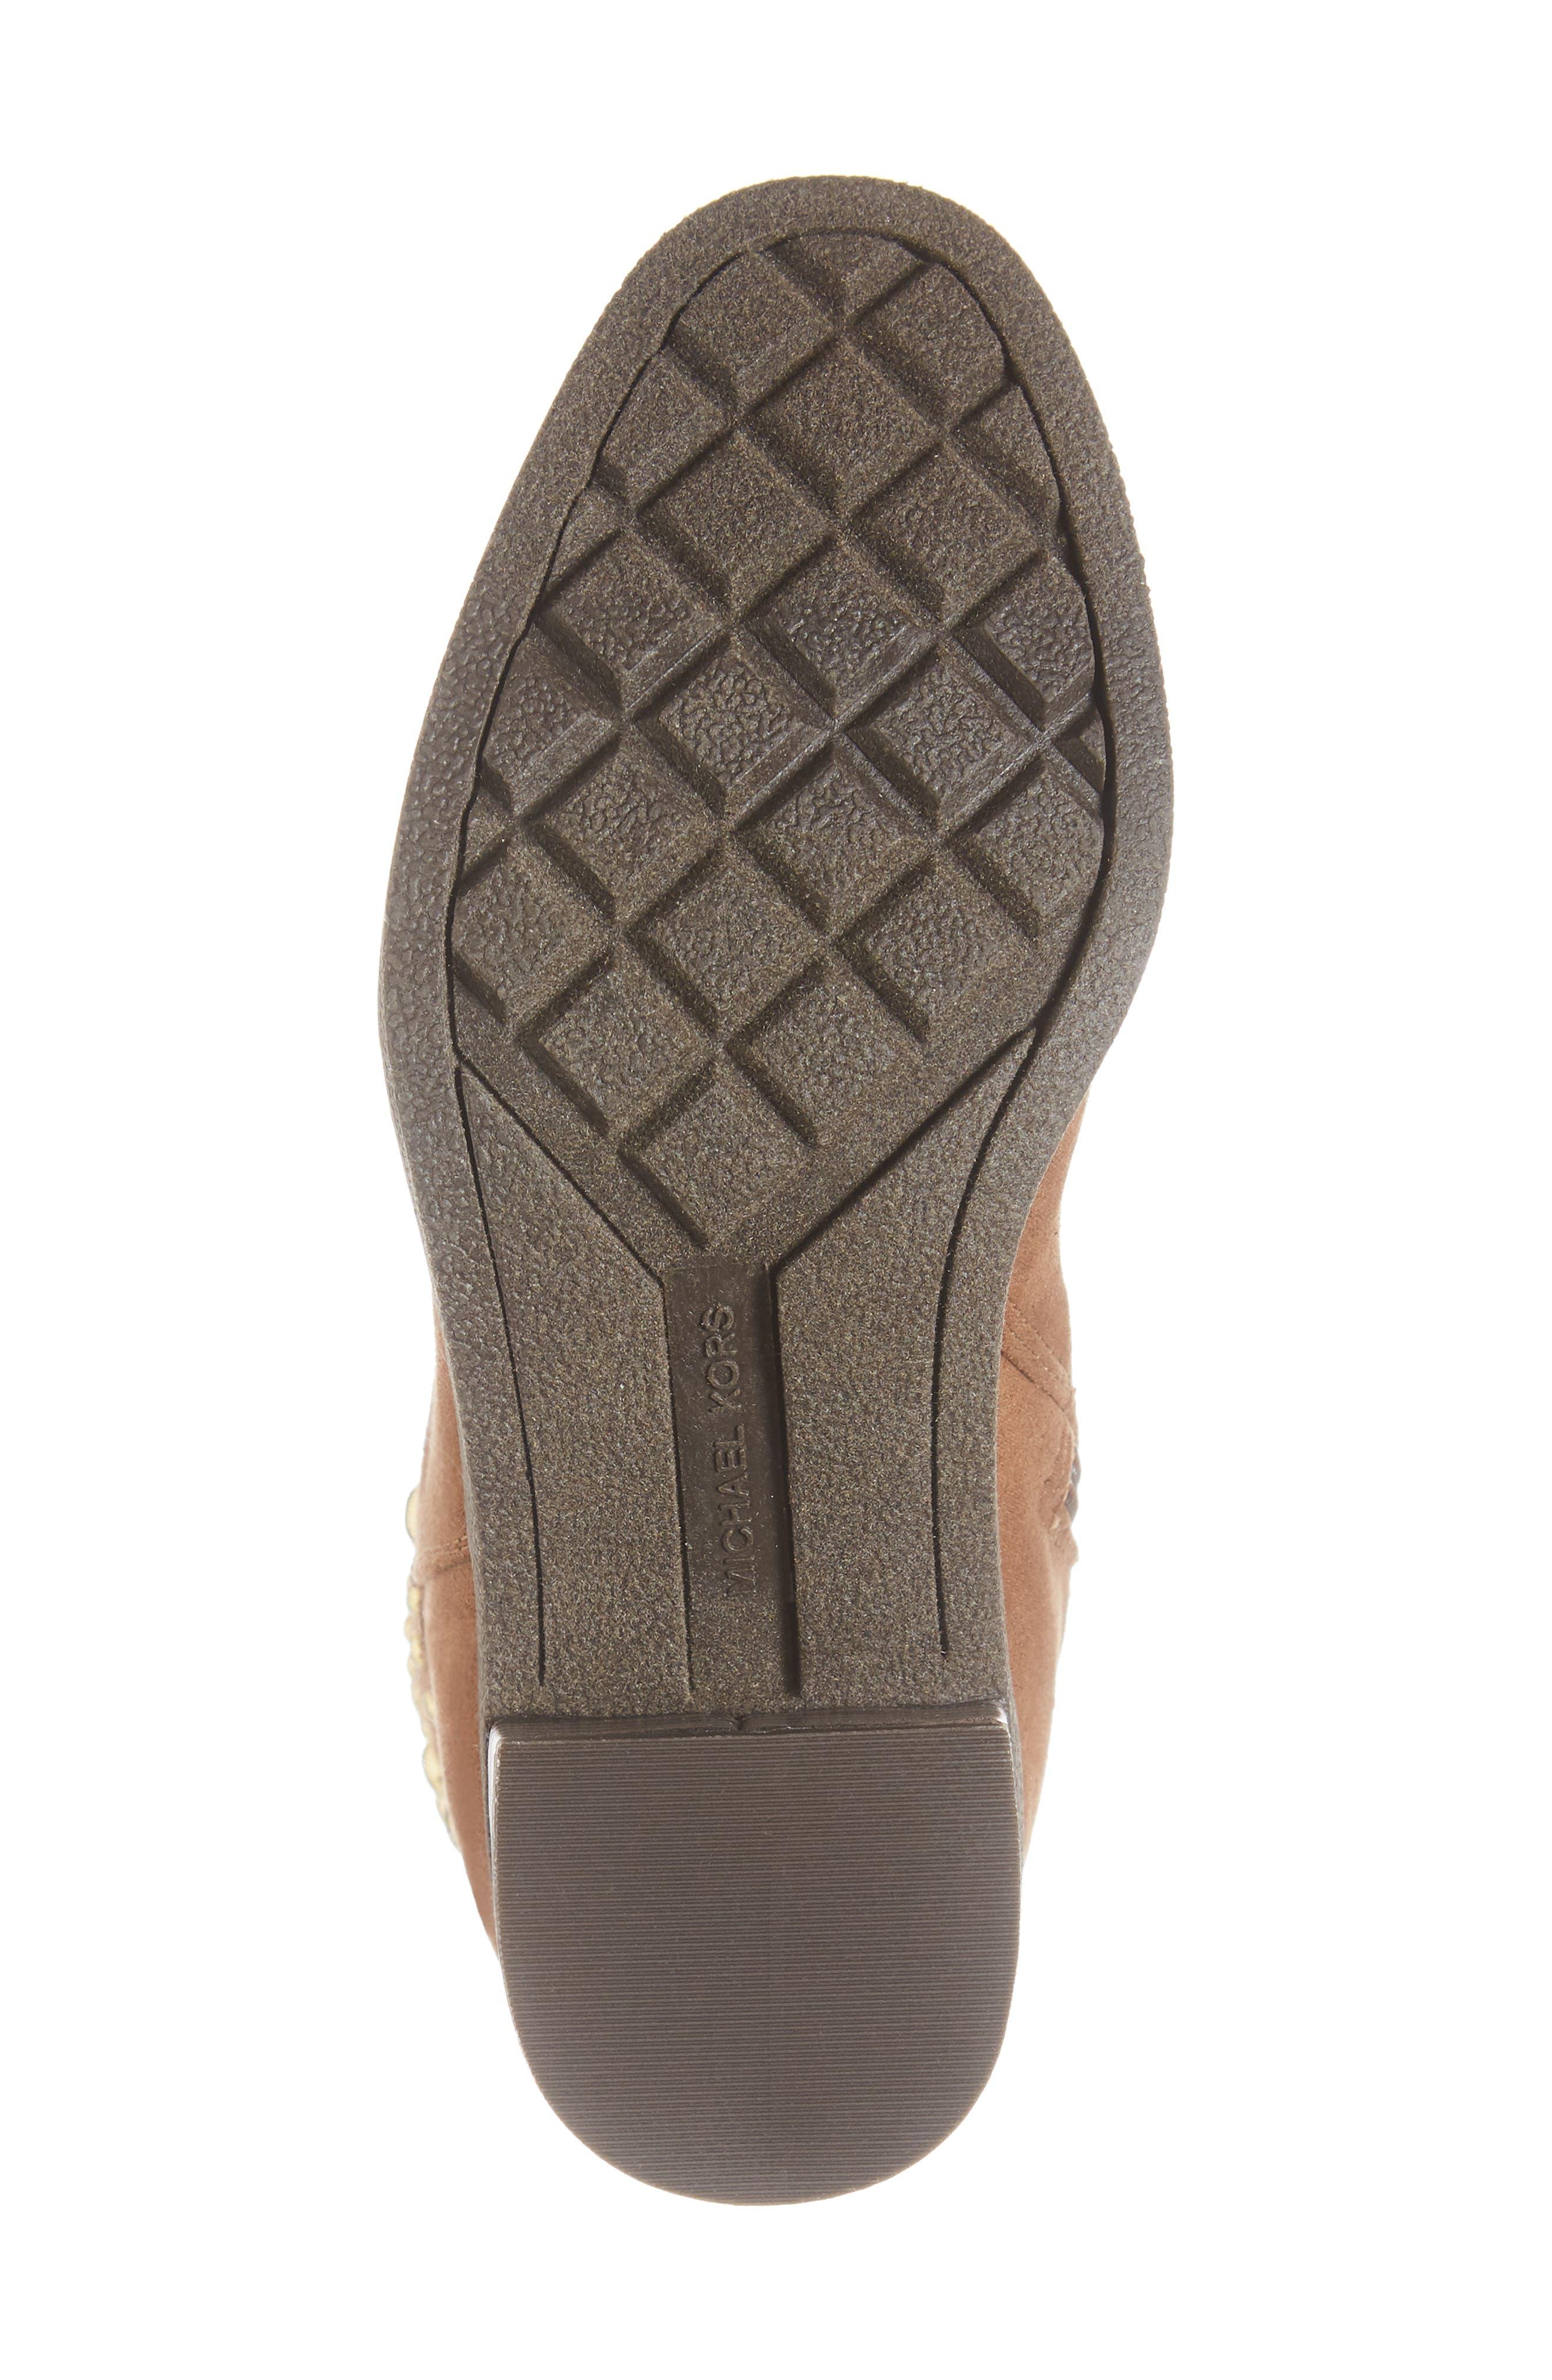 Fawn Desert Studded Boot,                             Alternate thumbnail 6, color,                             CARAMEL